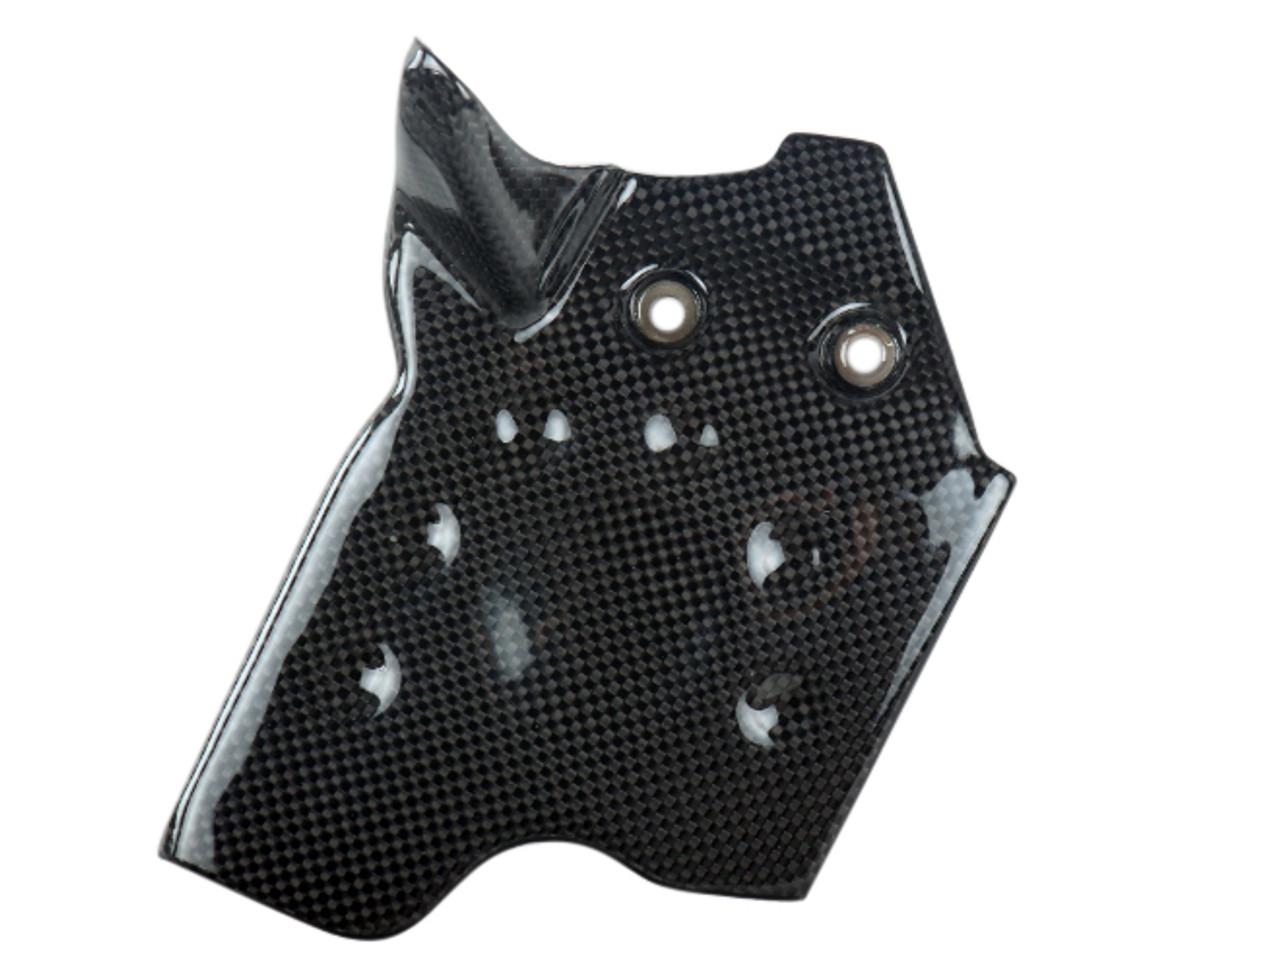 Front Sprocket Cover in Glossy Plain Weave Carbon Fiber for KTM Duke 690 II 1998-2007